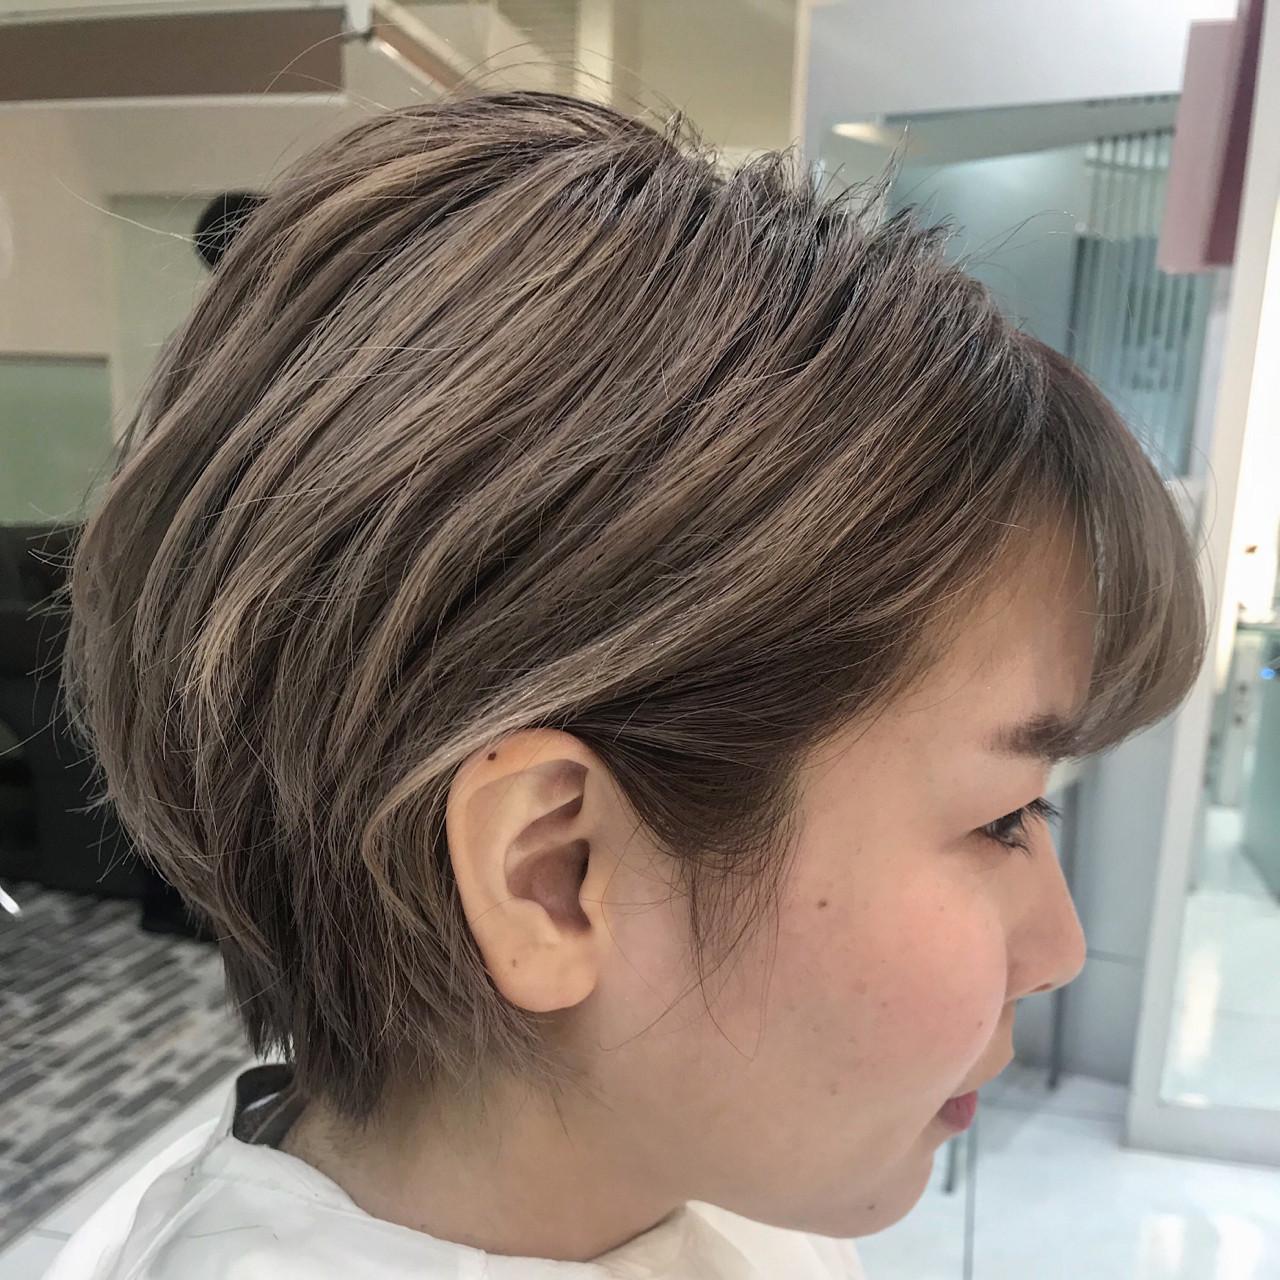 ハイトーン グラデーションカラー バレイヤージュ モードヘアスタイルや髪型の写真・画像